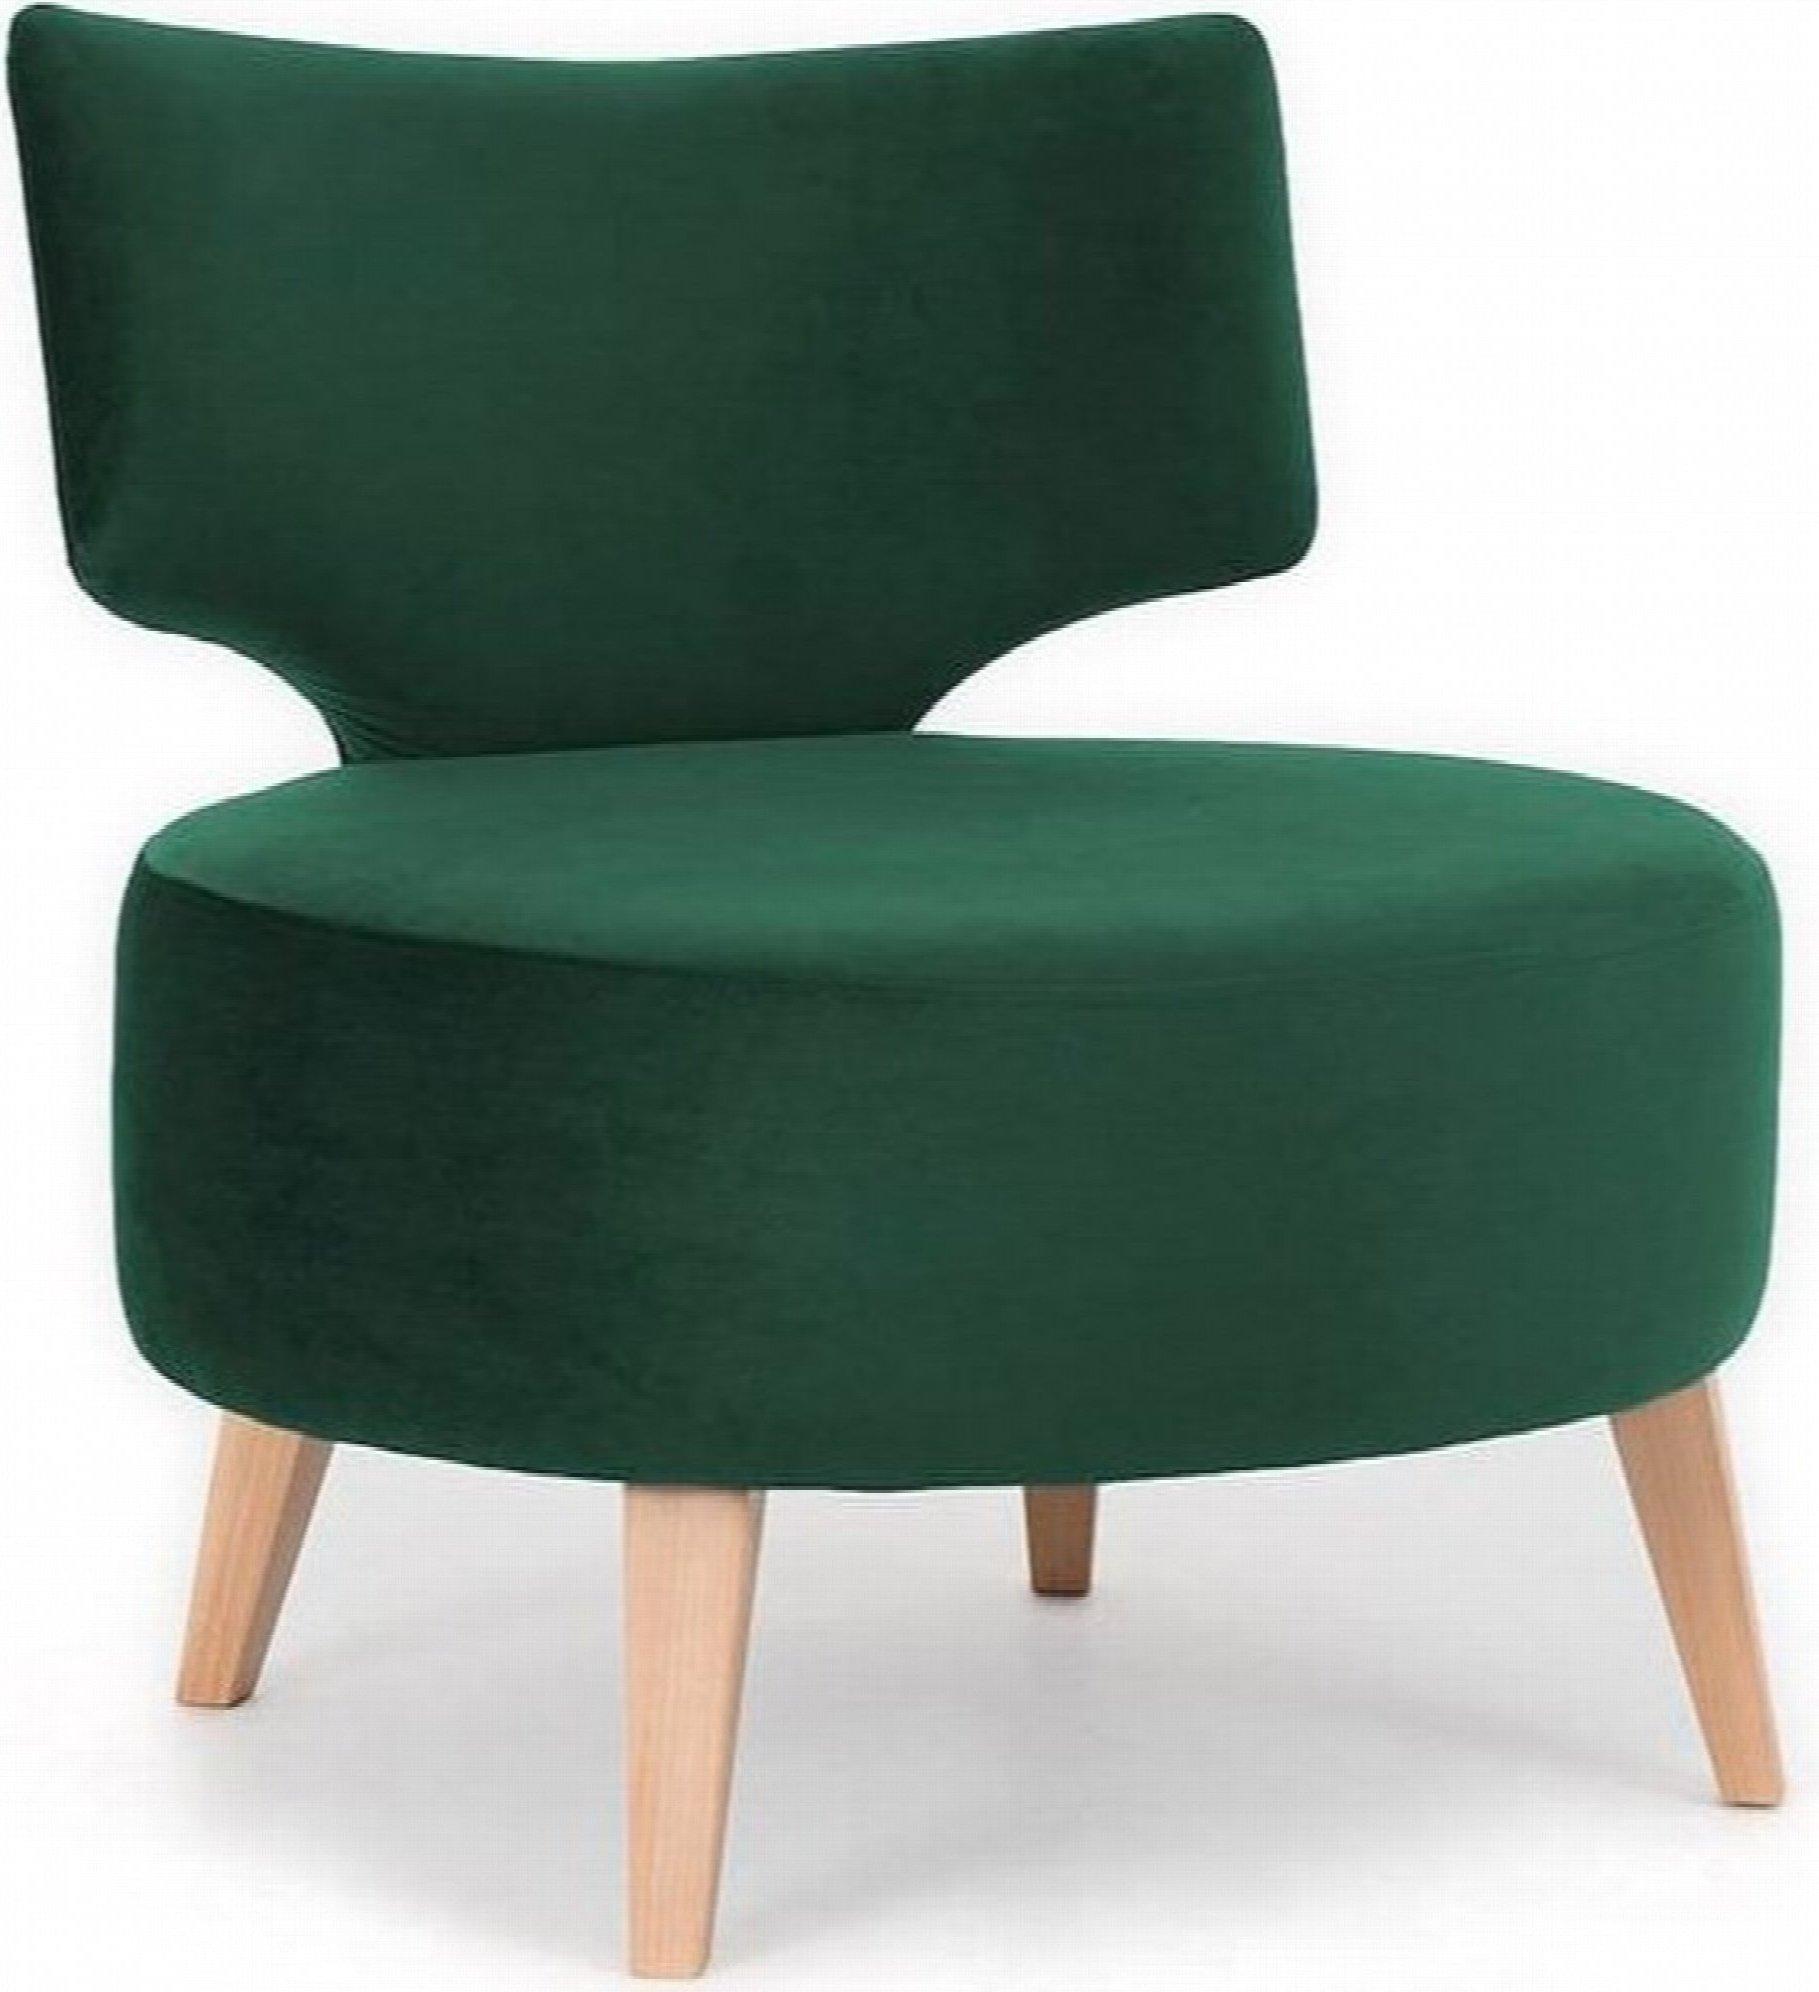 Fauteuil cosy rembourré tissu couleur vert pieds bois clair